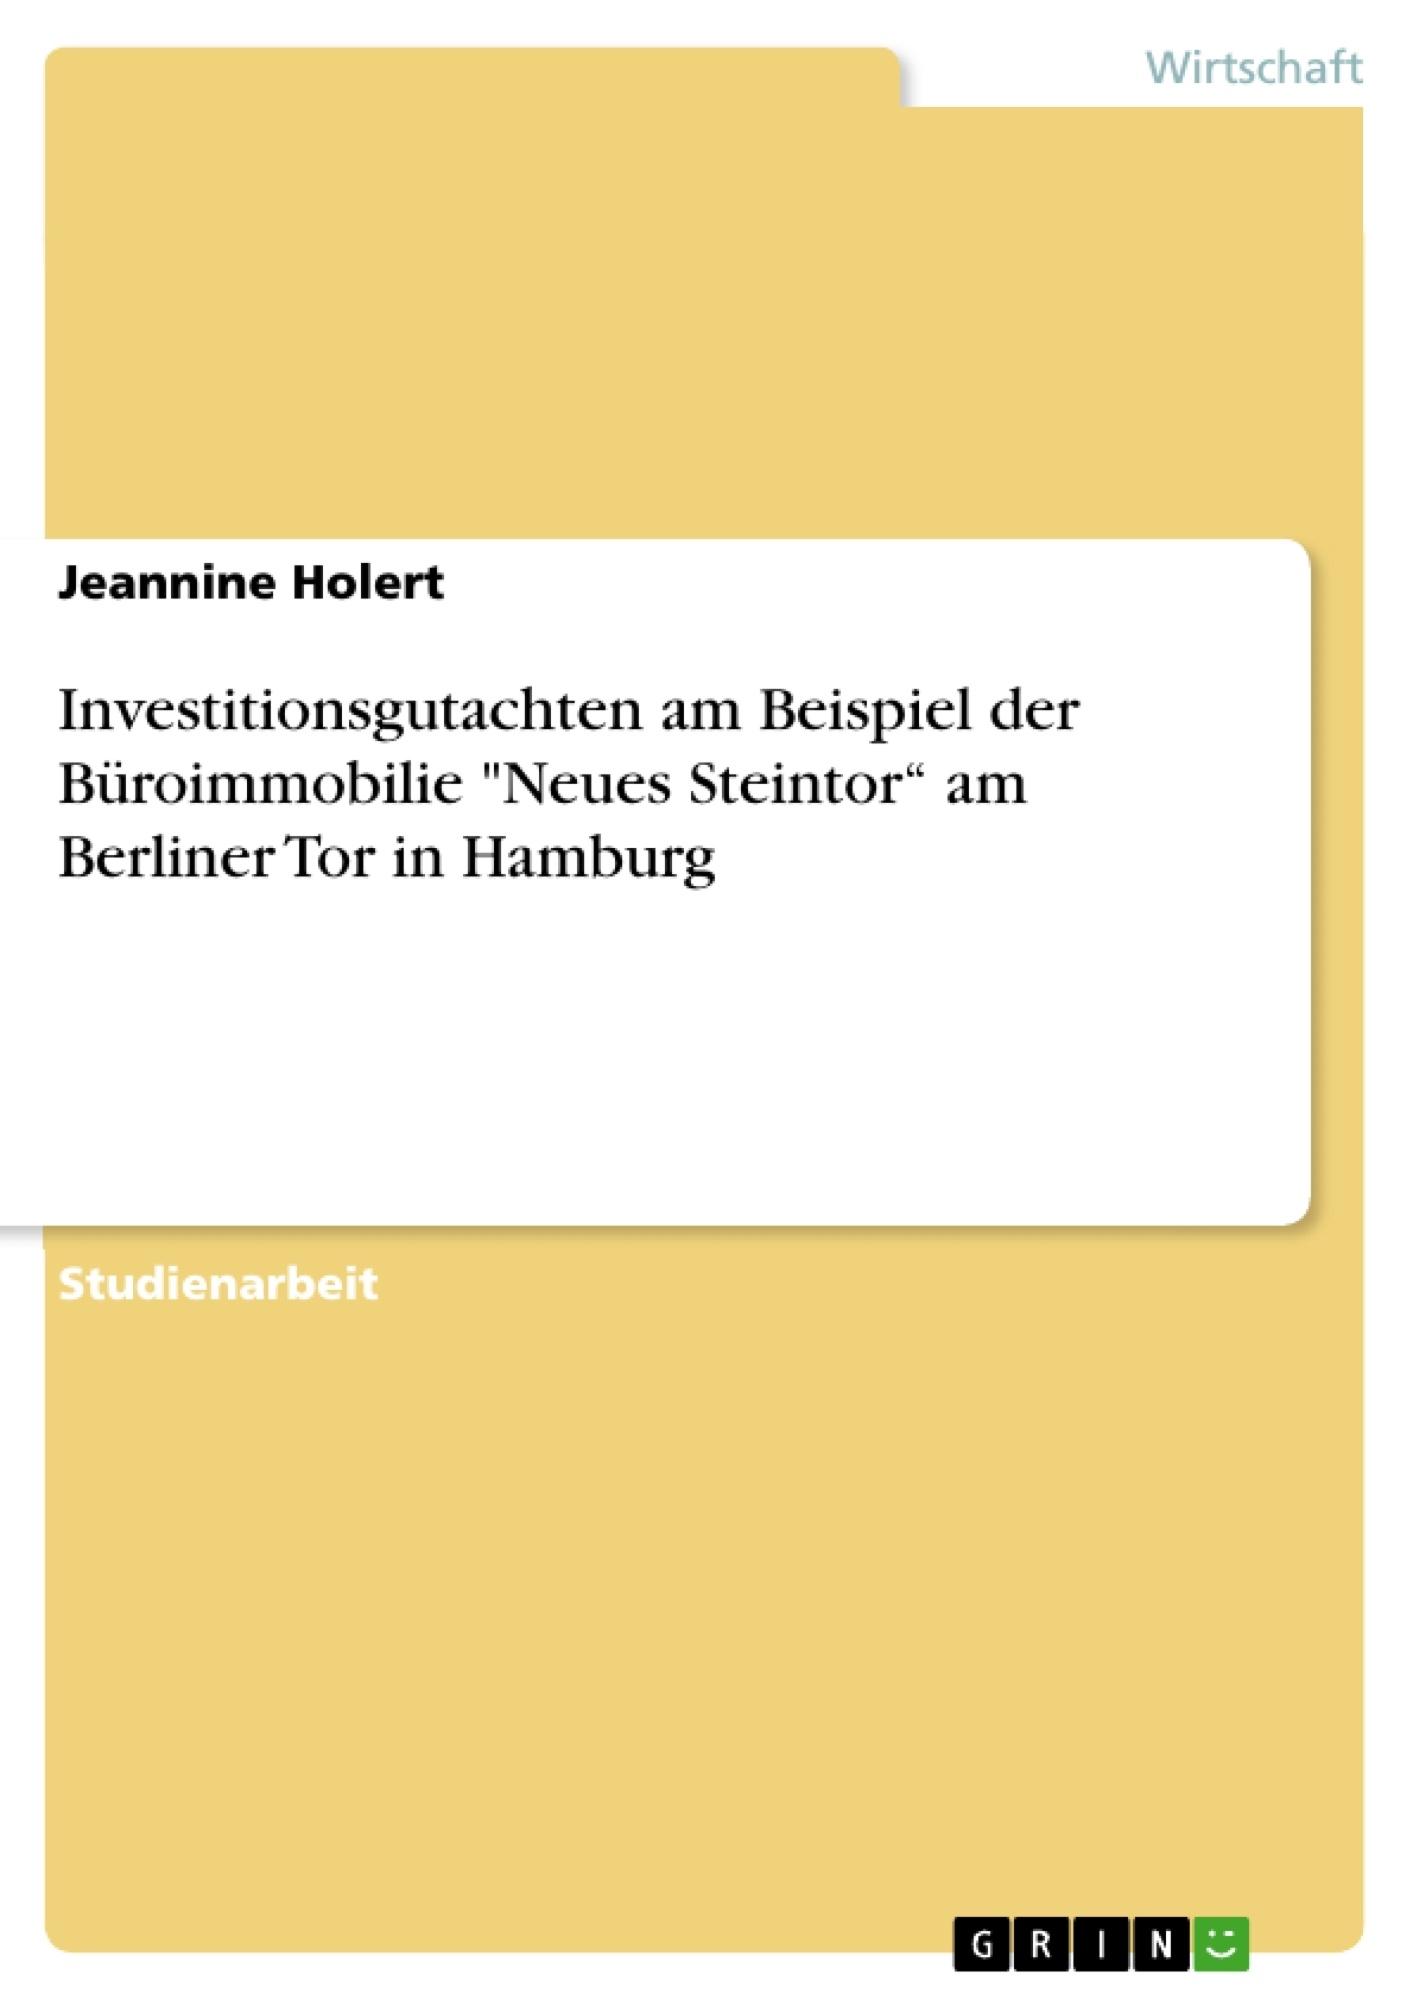 """Titel: Investitionsgutachten am Beispiel der Büroimmobilie """"Neues Steintor"""" am Berliner Tor in Hamburg"""